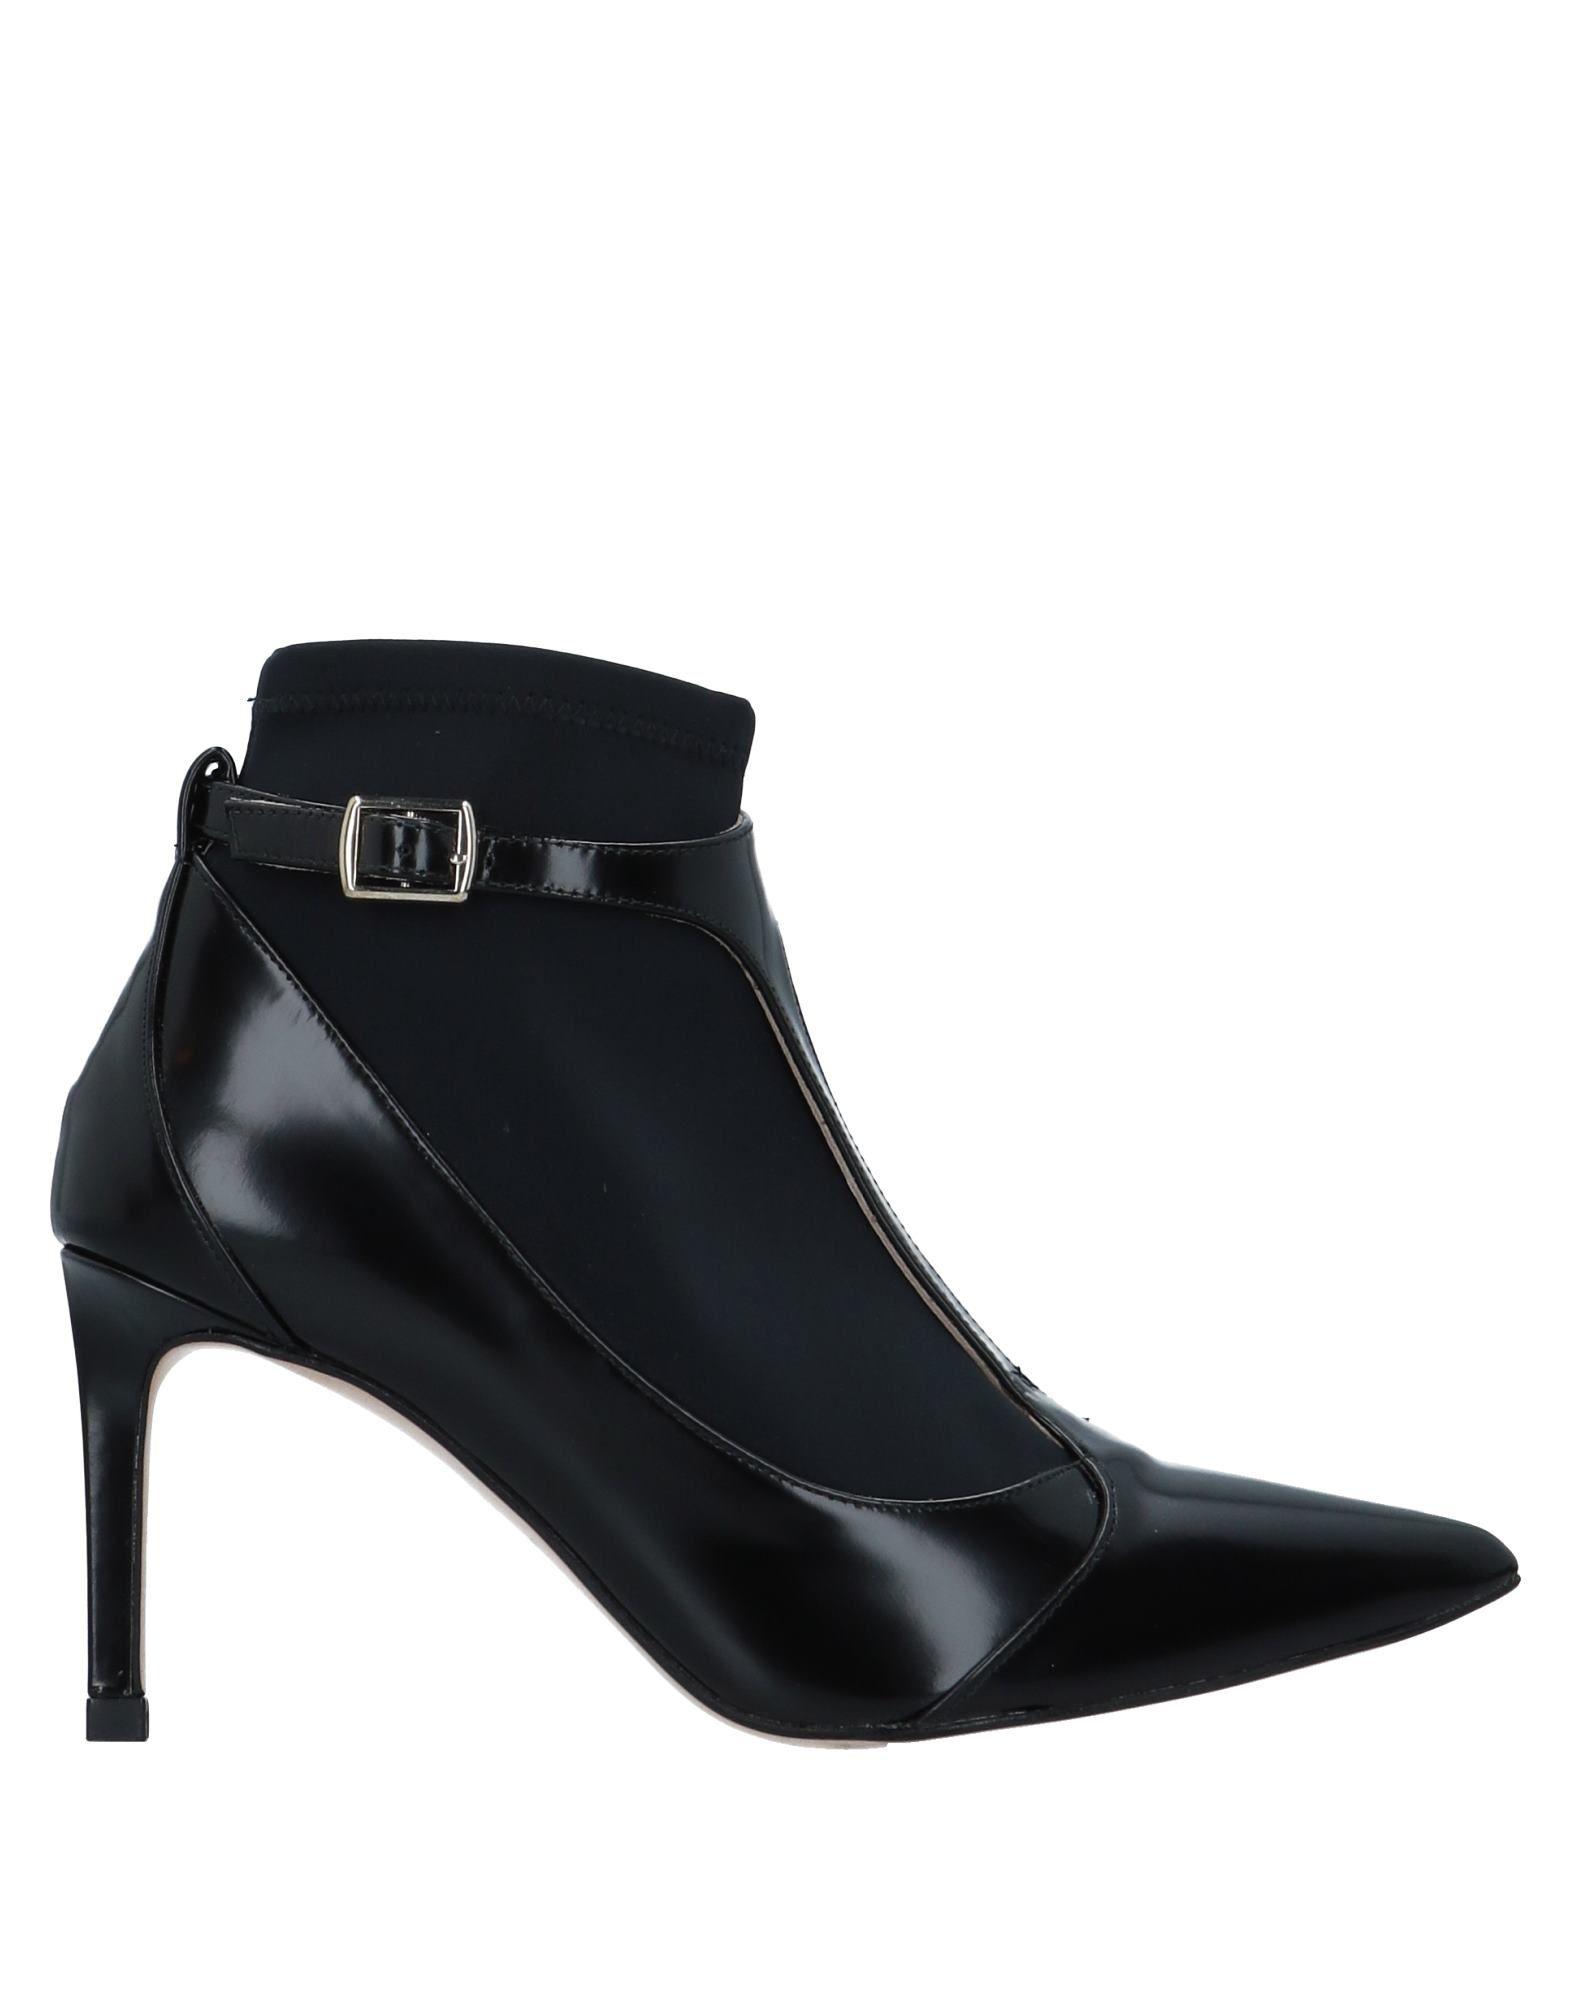 Hannibal Laguna Stiefelette Damen  11541894UX Gute Qualität beliebte Schuhe